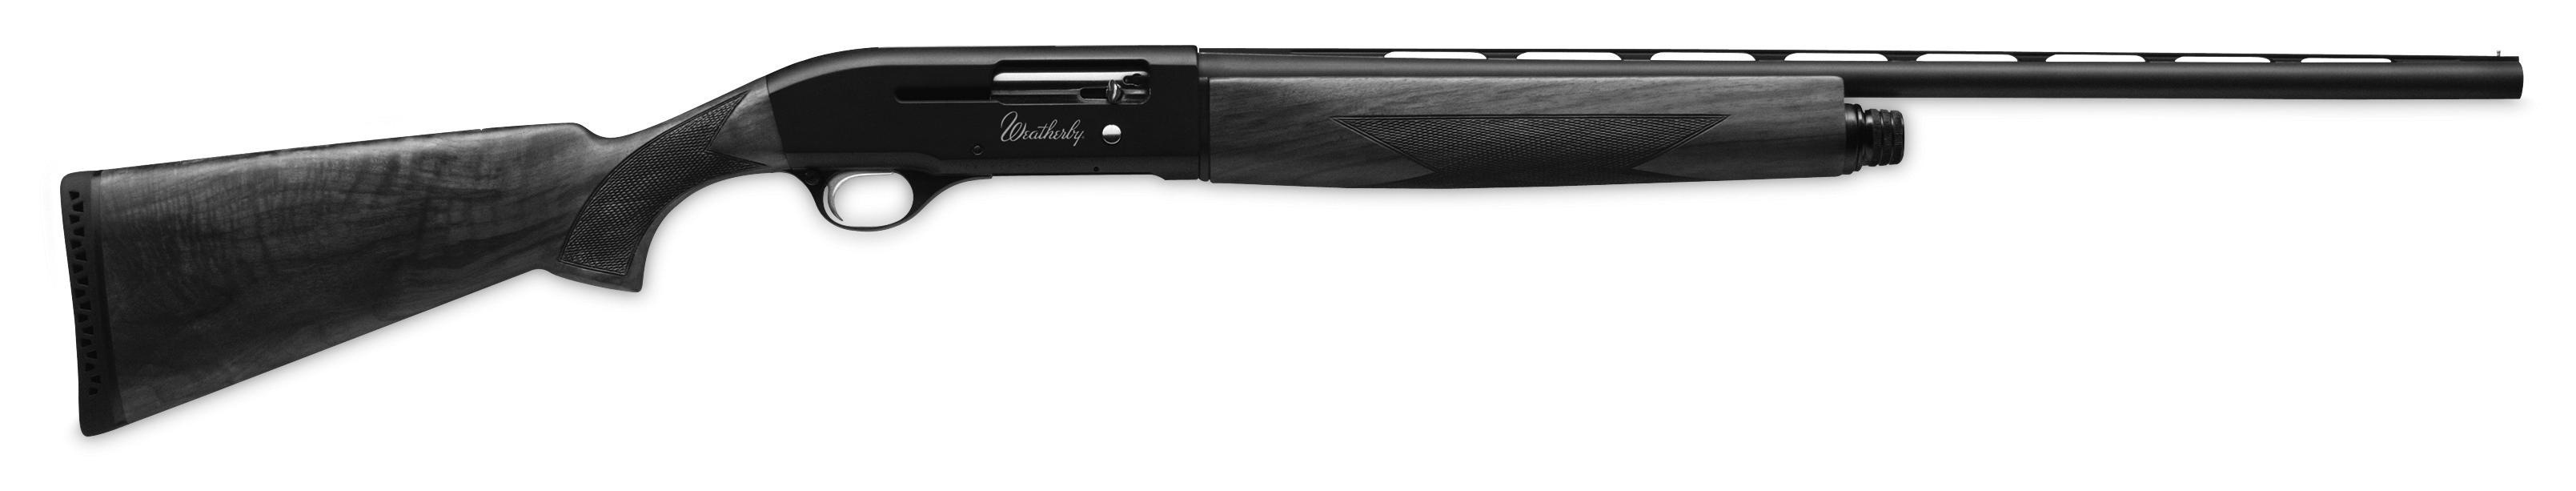 SA-08 Upland